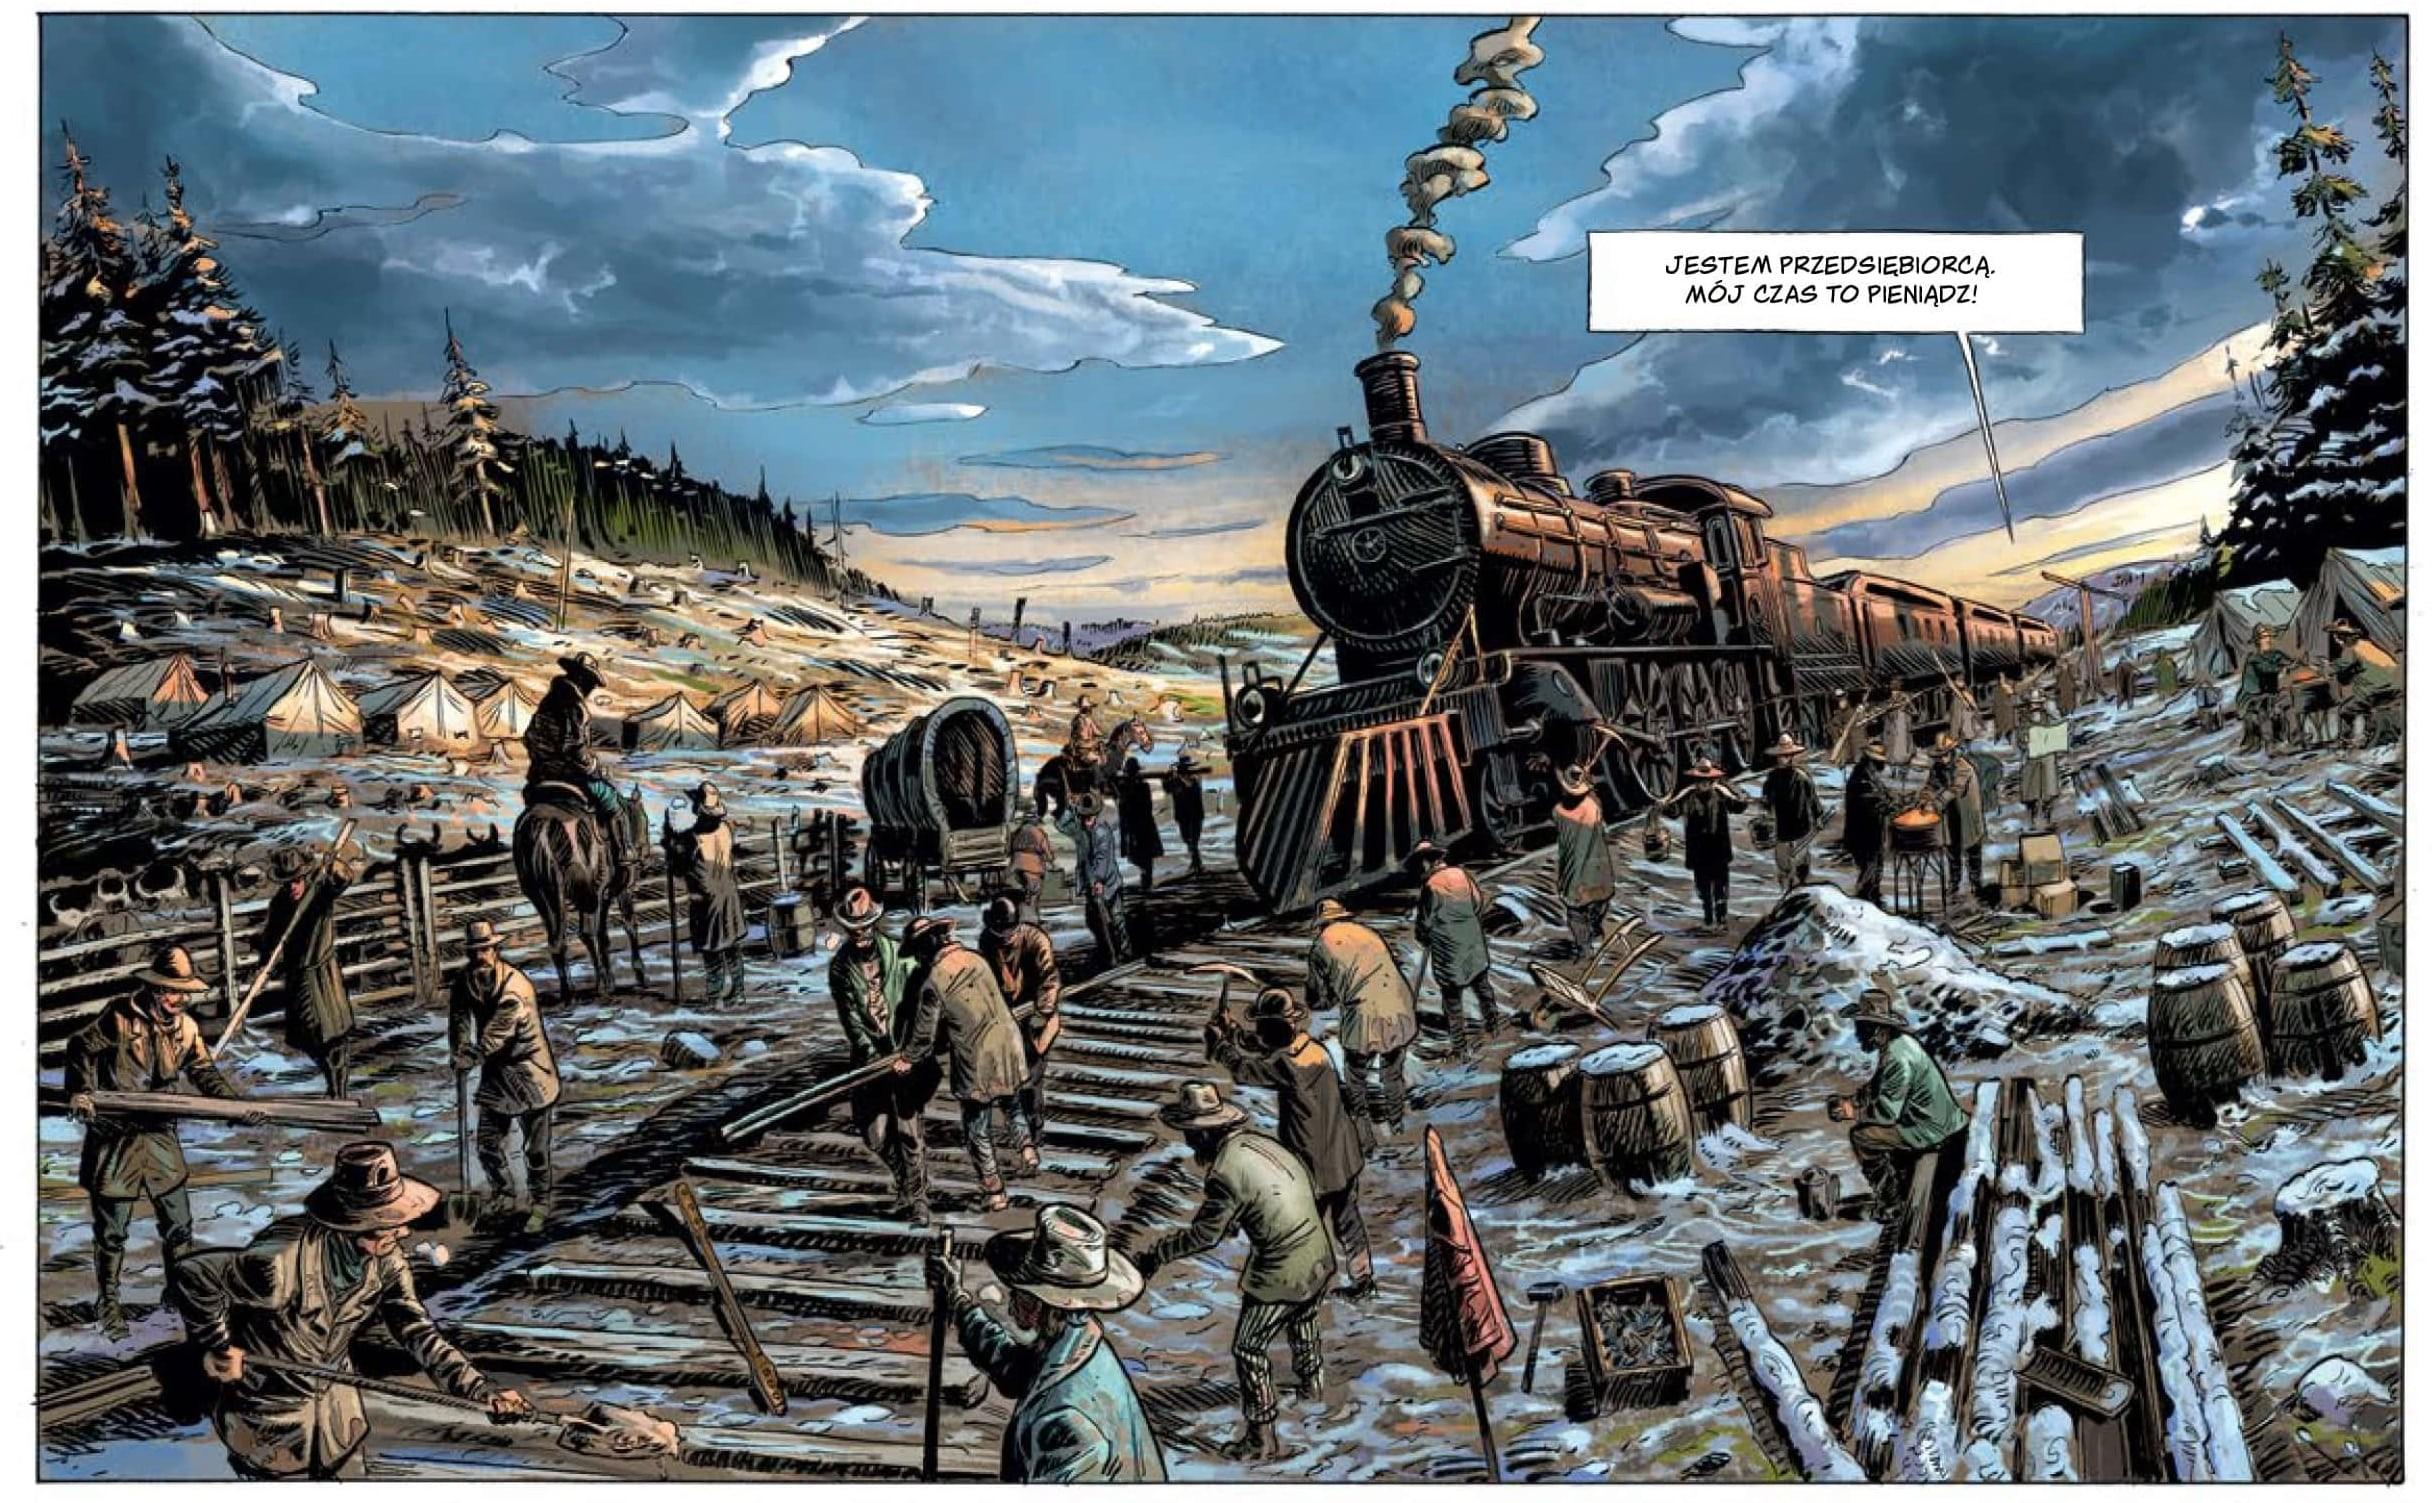 dziki-zachod-tom-1-calamity-jane-recenzja-komiksu-opinie-wrazenia-01-min.jpg